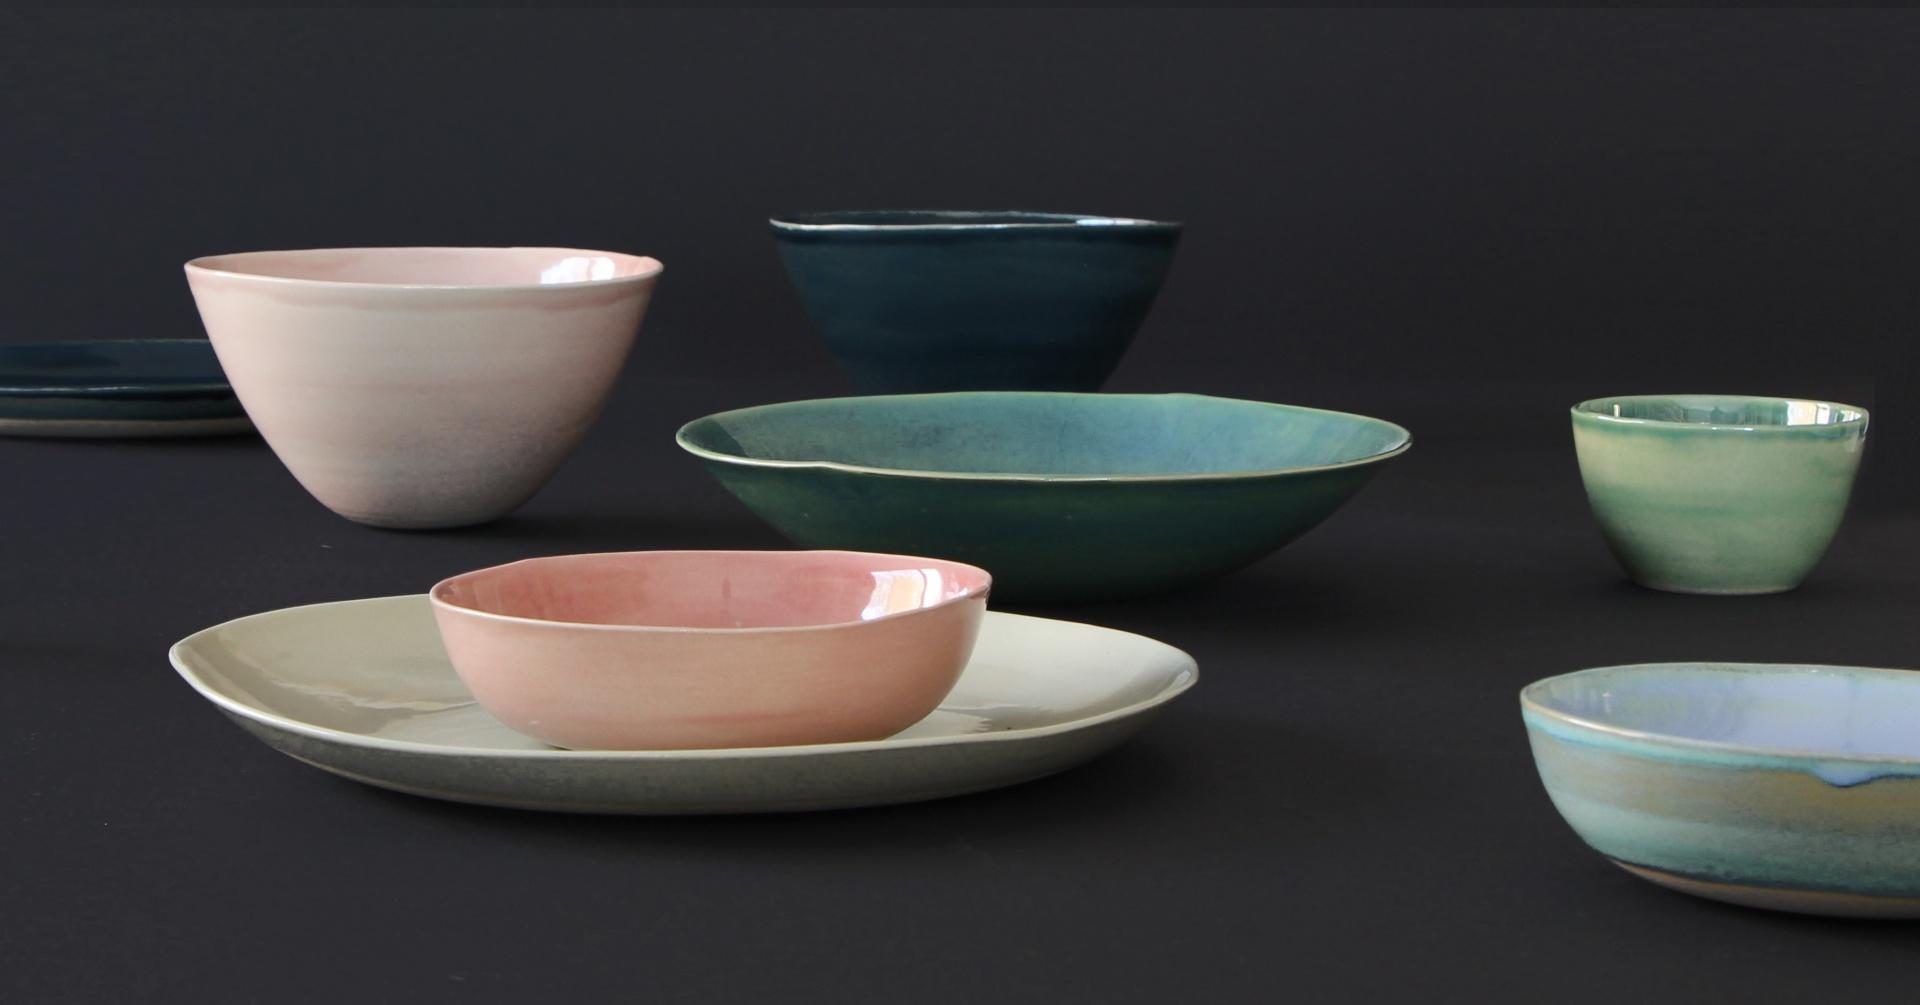 Wunderschönes Keramik-Geschirr in Handarbeit hergestellt